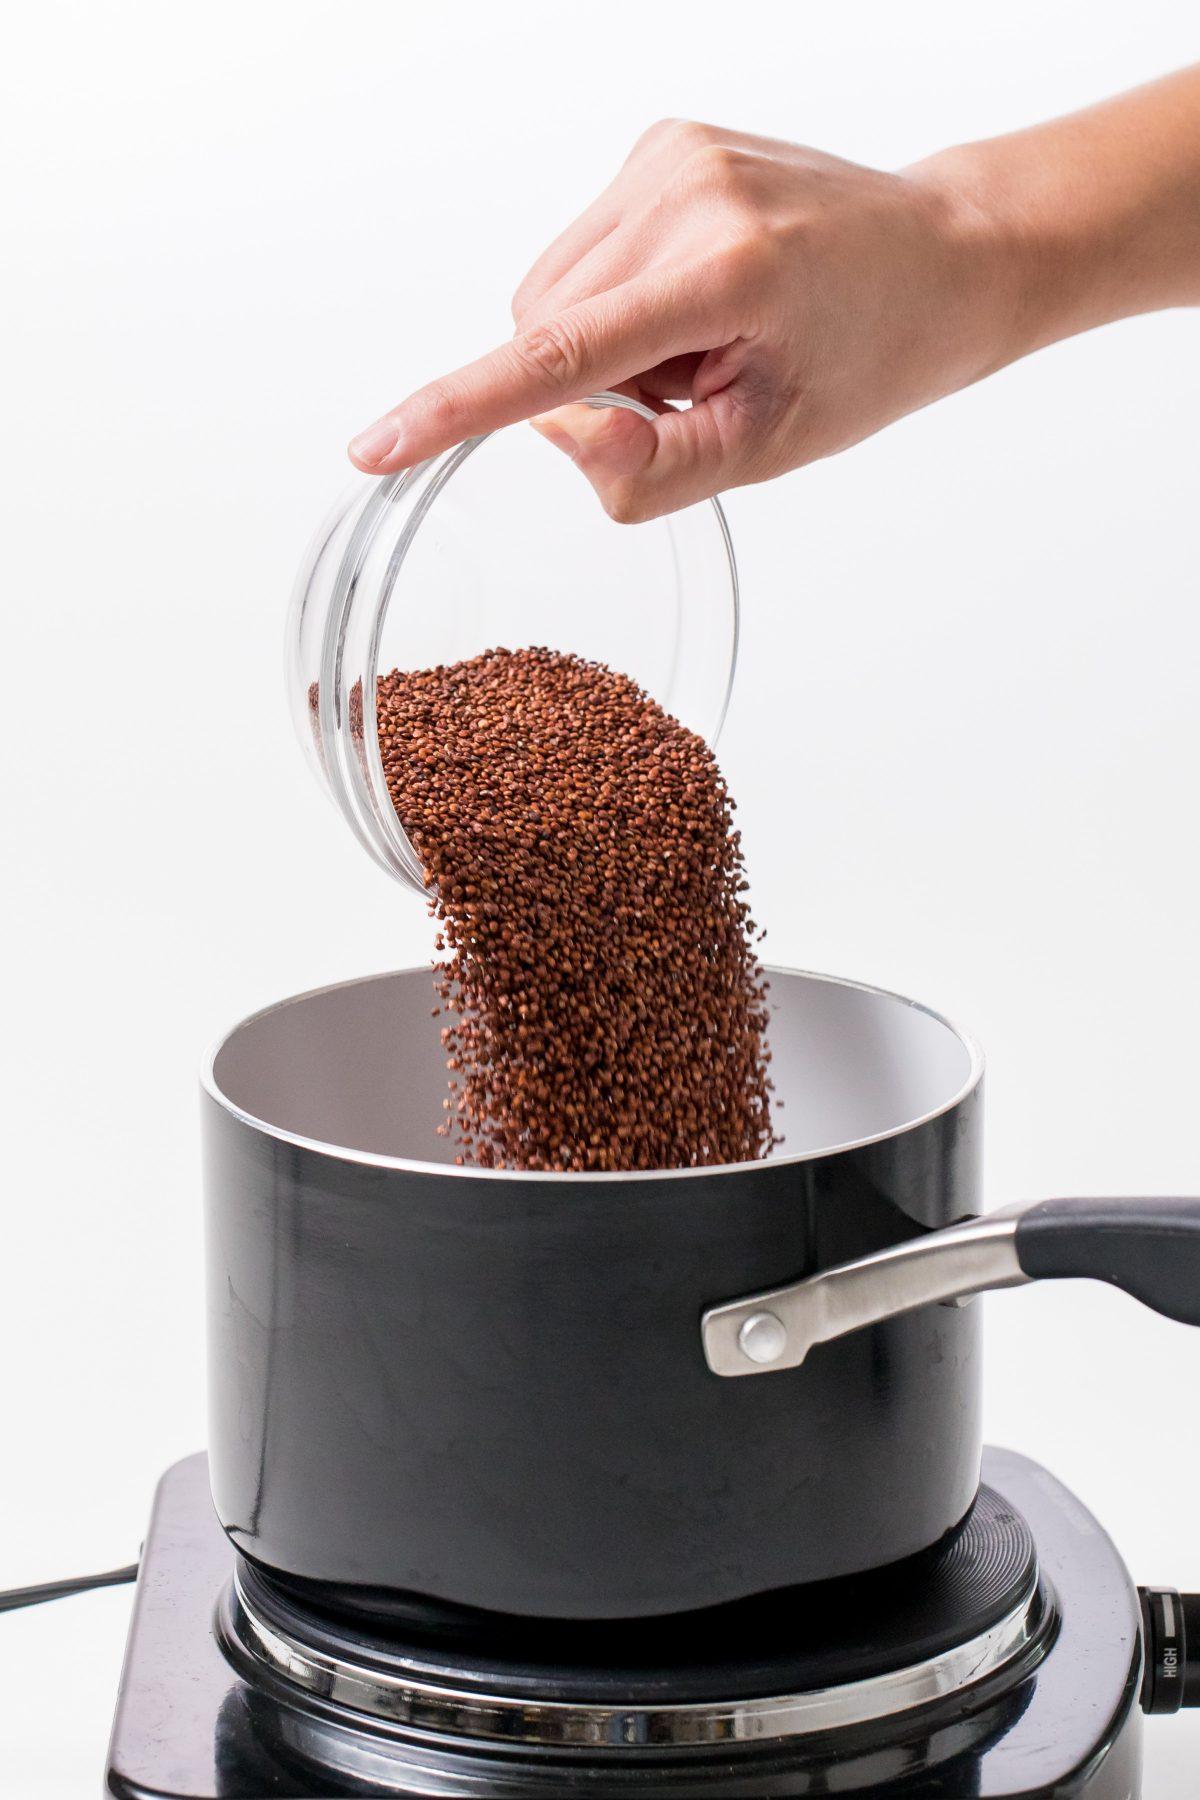 5D4B4080 - Winter Cauliflower Rice Bowls - Cook the quinoa